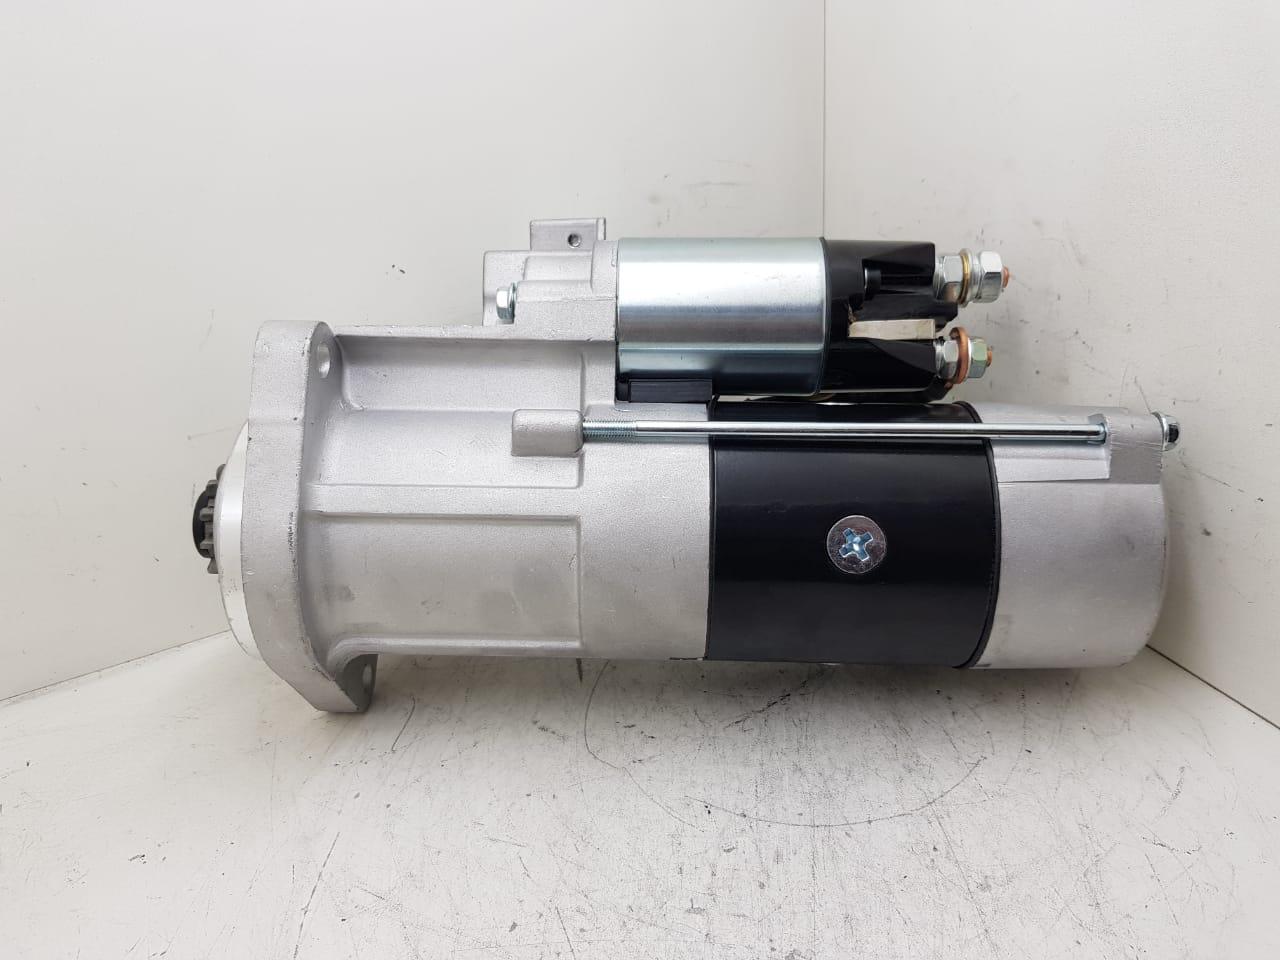 Motor de arranque VOLVO VM260 VM220 VM270 VM310 VM330 B270 MITSUBISHI 24V 12 DENTES 85000750 M008T62471 20997663 M8T62471 8089503 E 20666 D 20523 AEC14096